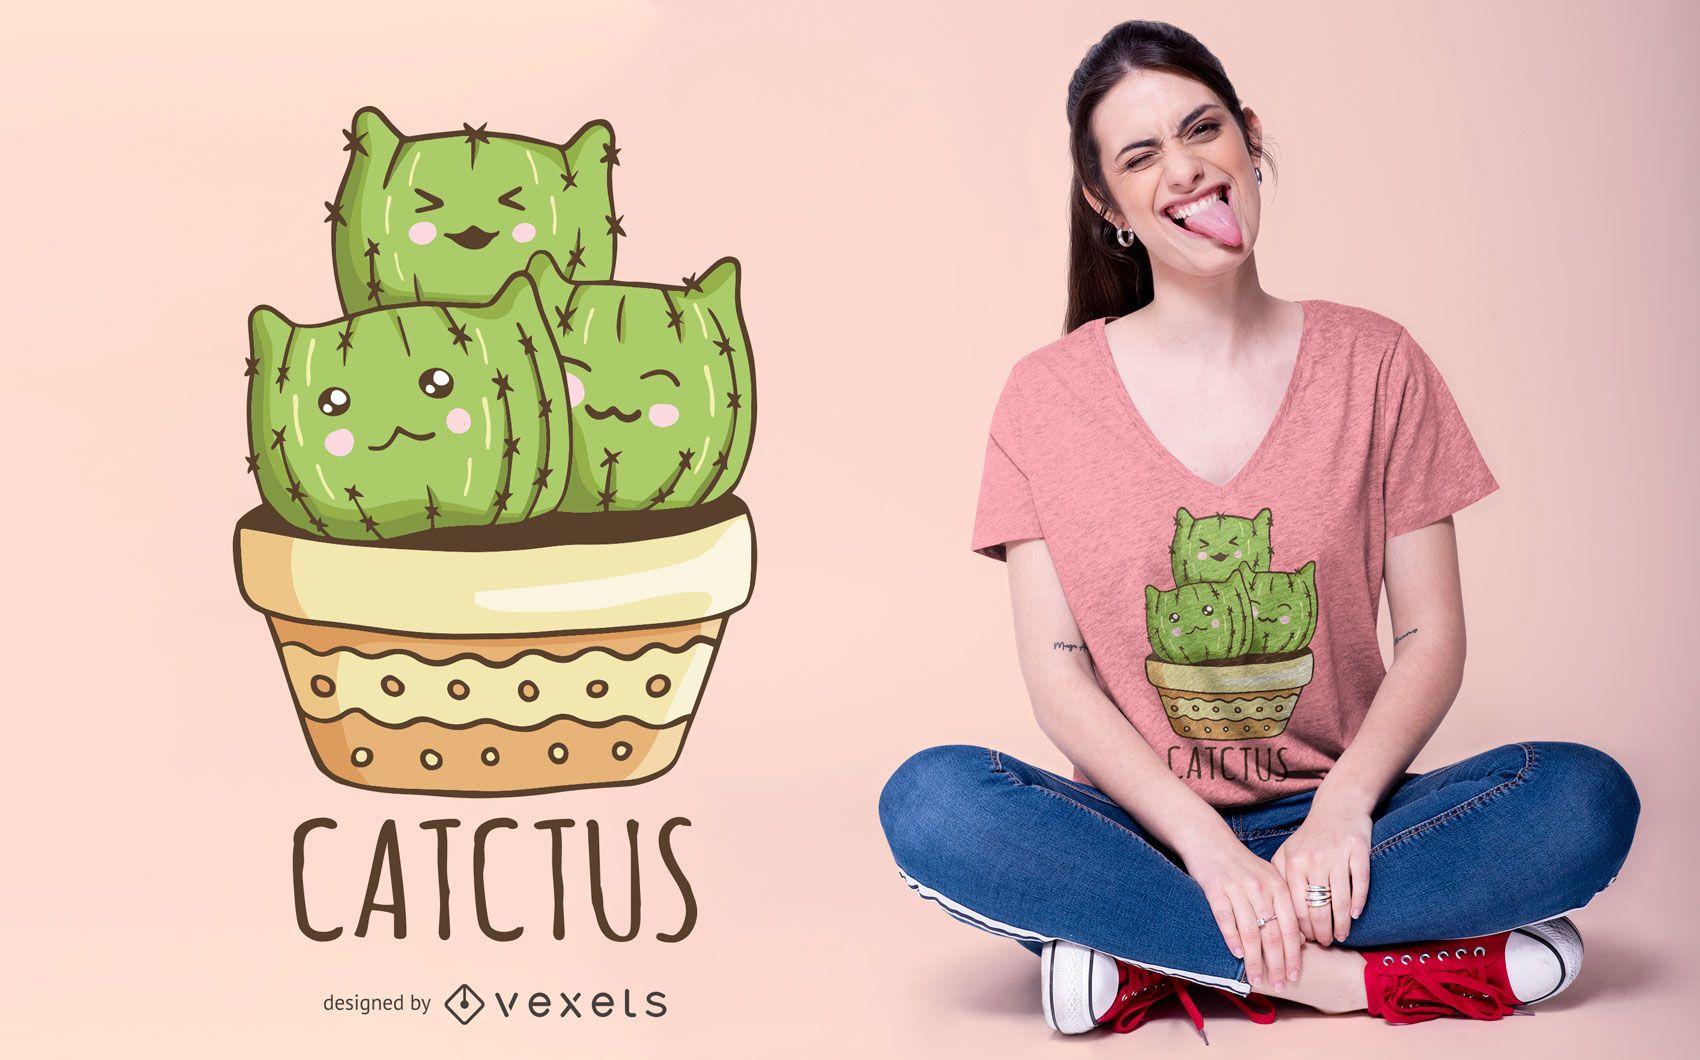 Design de camiseta Catctus